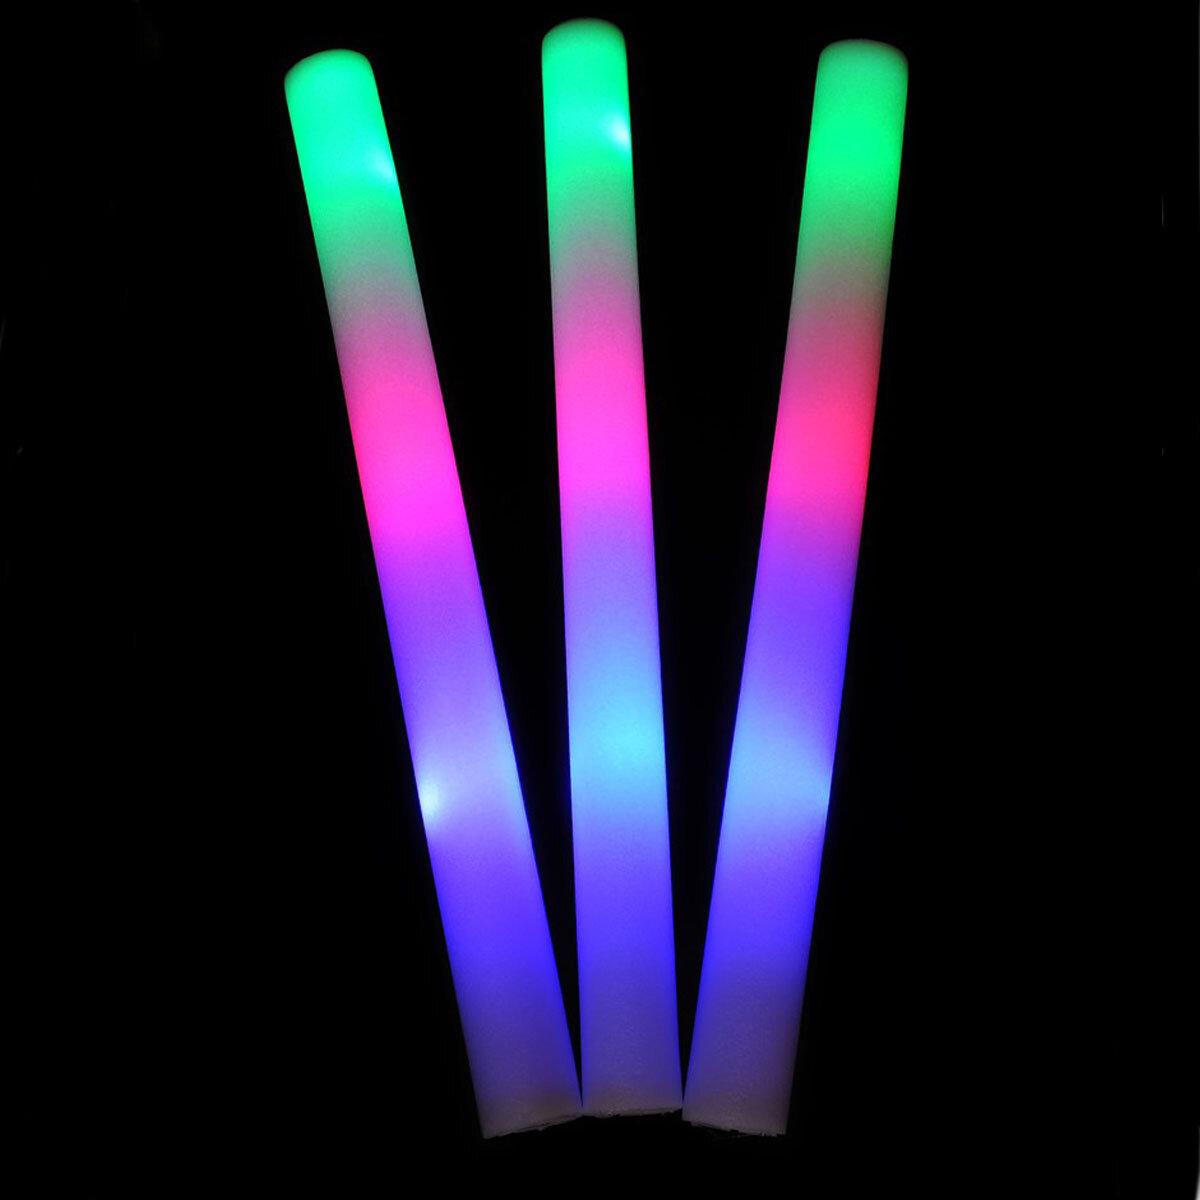 5~48Pcs Light Up Foam Sticks LED Wands Rally Rave Batons DJ Flashing Glow Stick